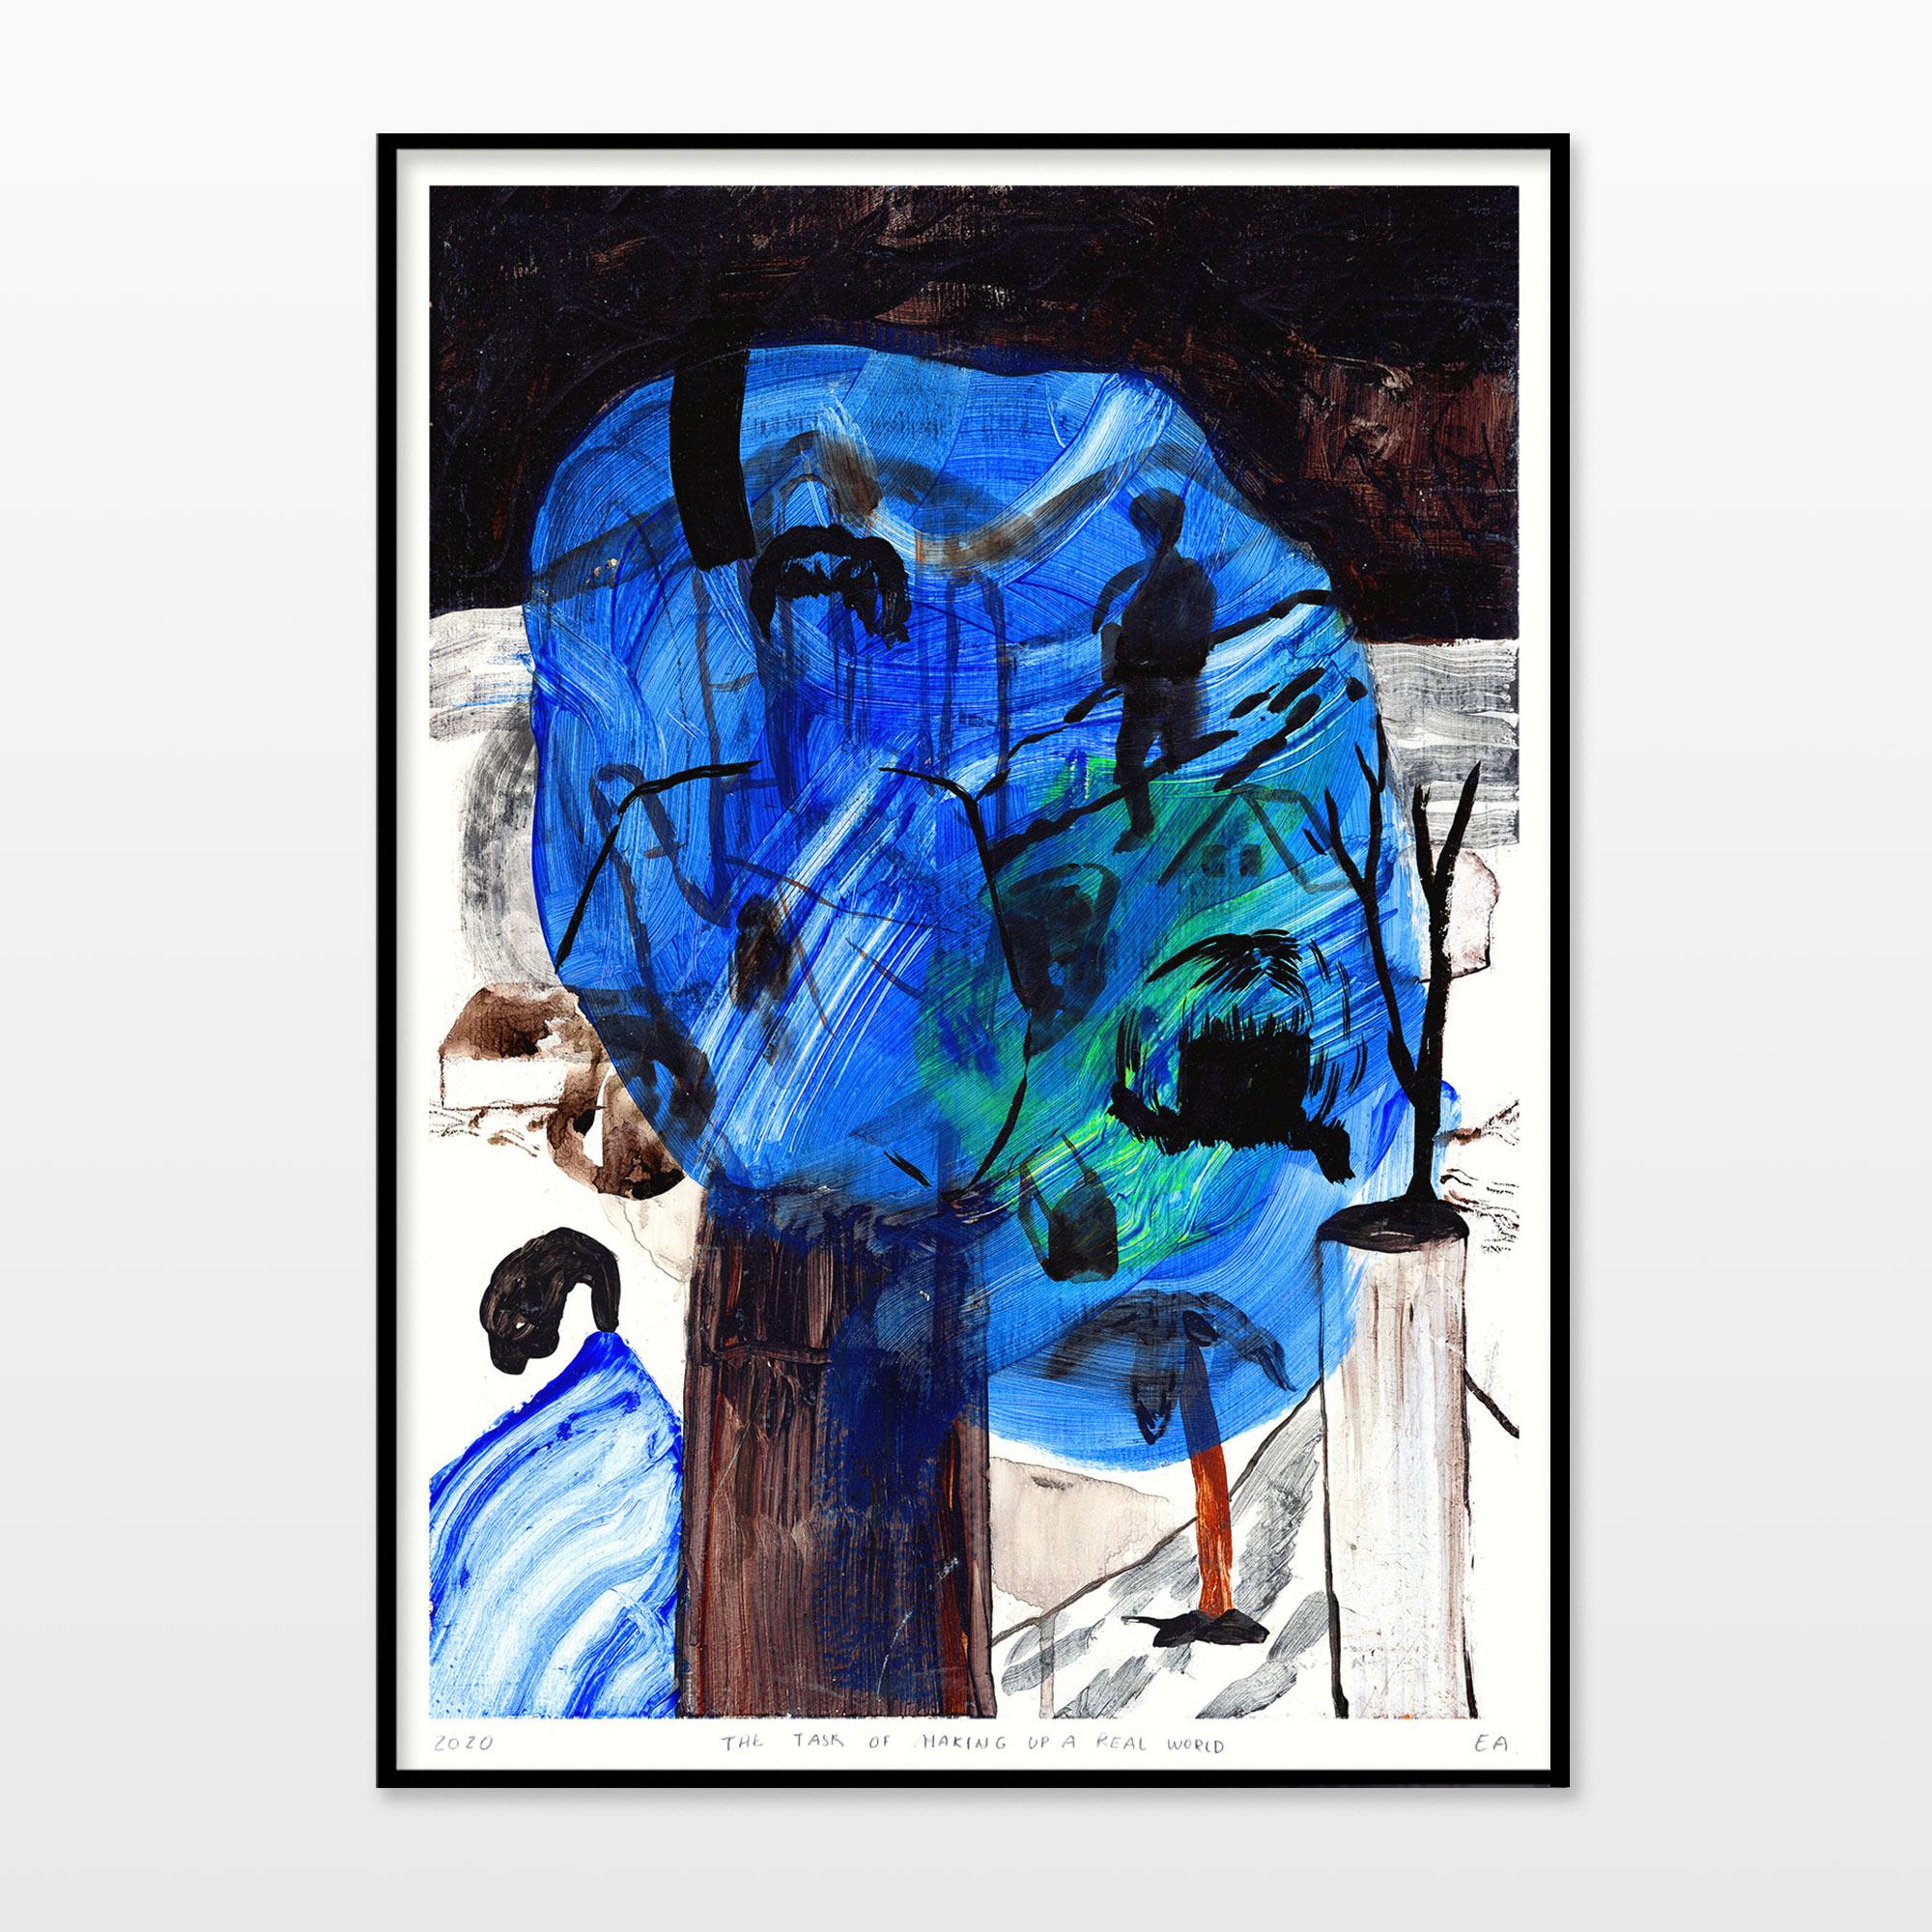 plakater-posters-kunsttryk, æstetiske, ekspressionistiske, figurative, illustrative, landskab, dyreliv, kroppe, botanik, natur, mennesker, himmel, vilde-dyr, sorte, blå, brune, grønne, blæk, papir, smukke, dansk, design, skov, interiør, bolig-indretning, bjerge, nordisk, planter, plakater, flotte, skandinavisk, Køb original kunst og kunstplakater. Malerier, tegninger, limited edition kunsttryk & plakater af dygtige kunstnere.